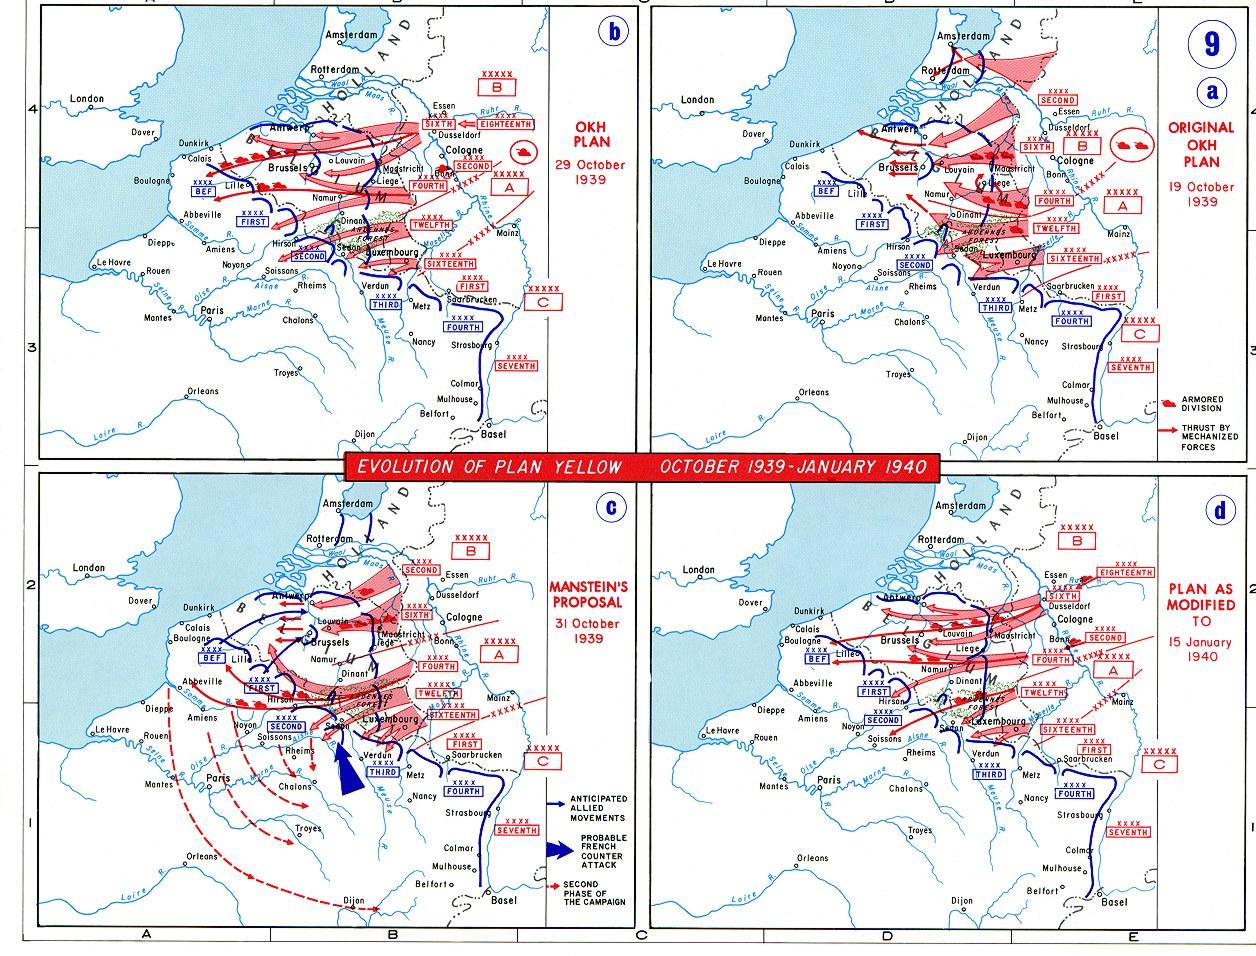 And order its execution generals von rundstedt and von manstein soon